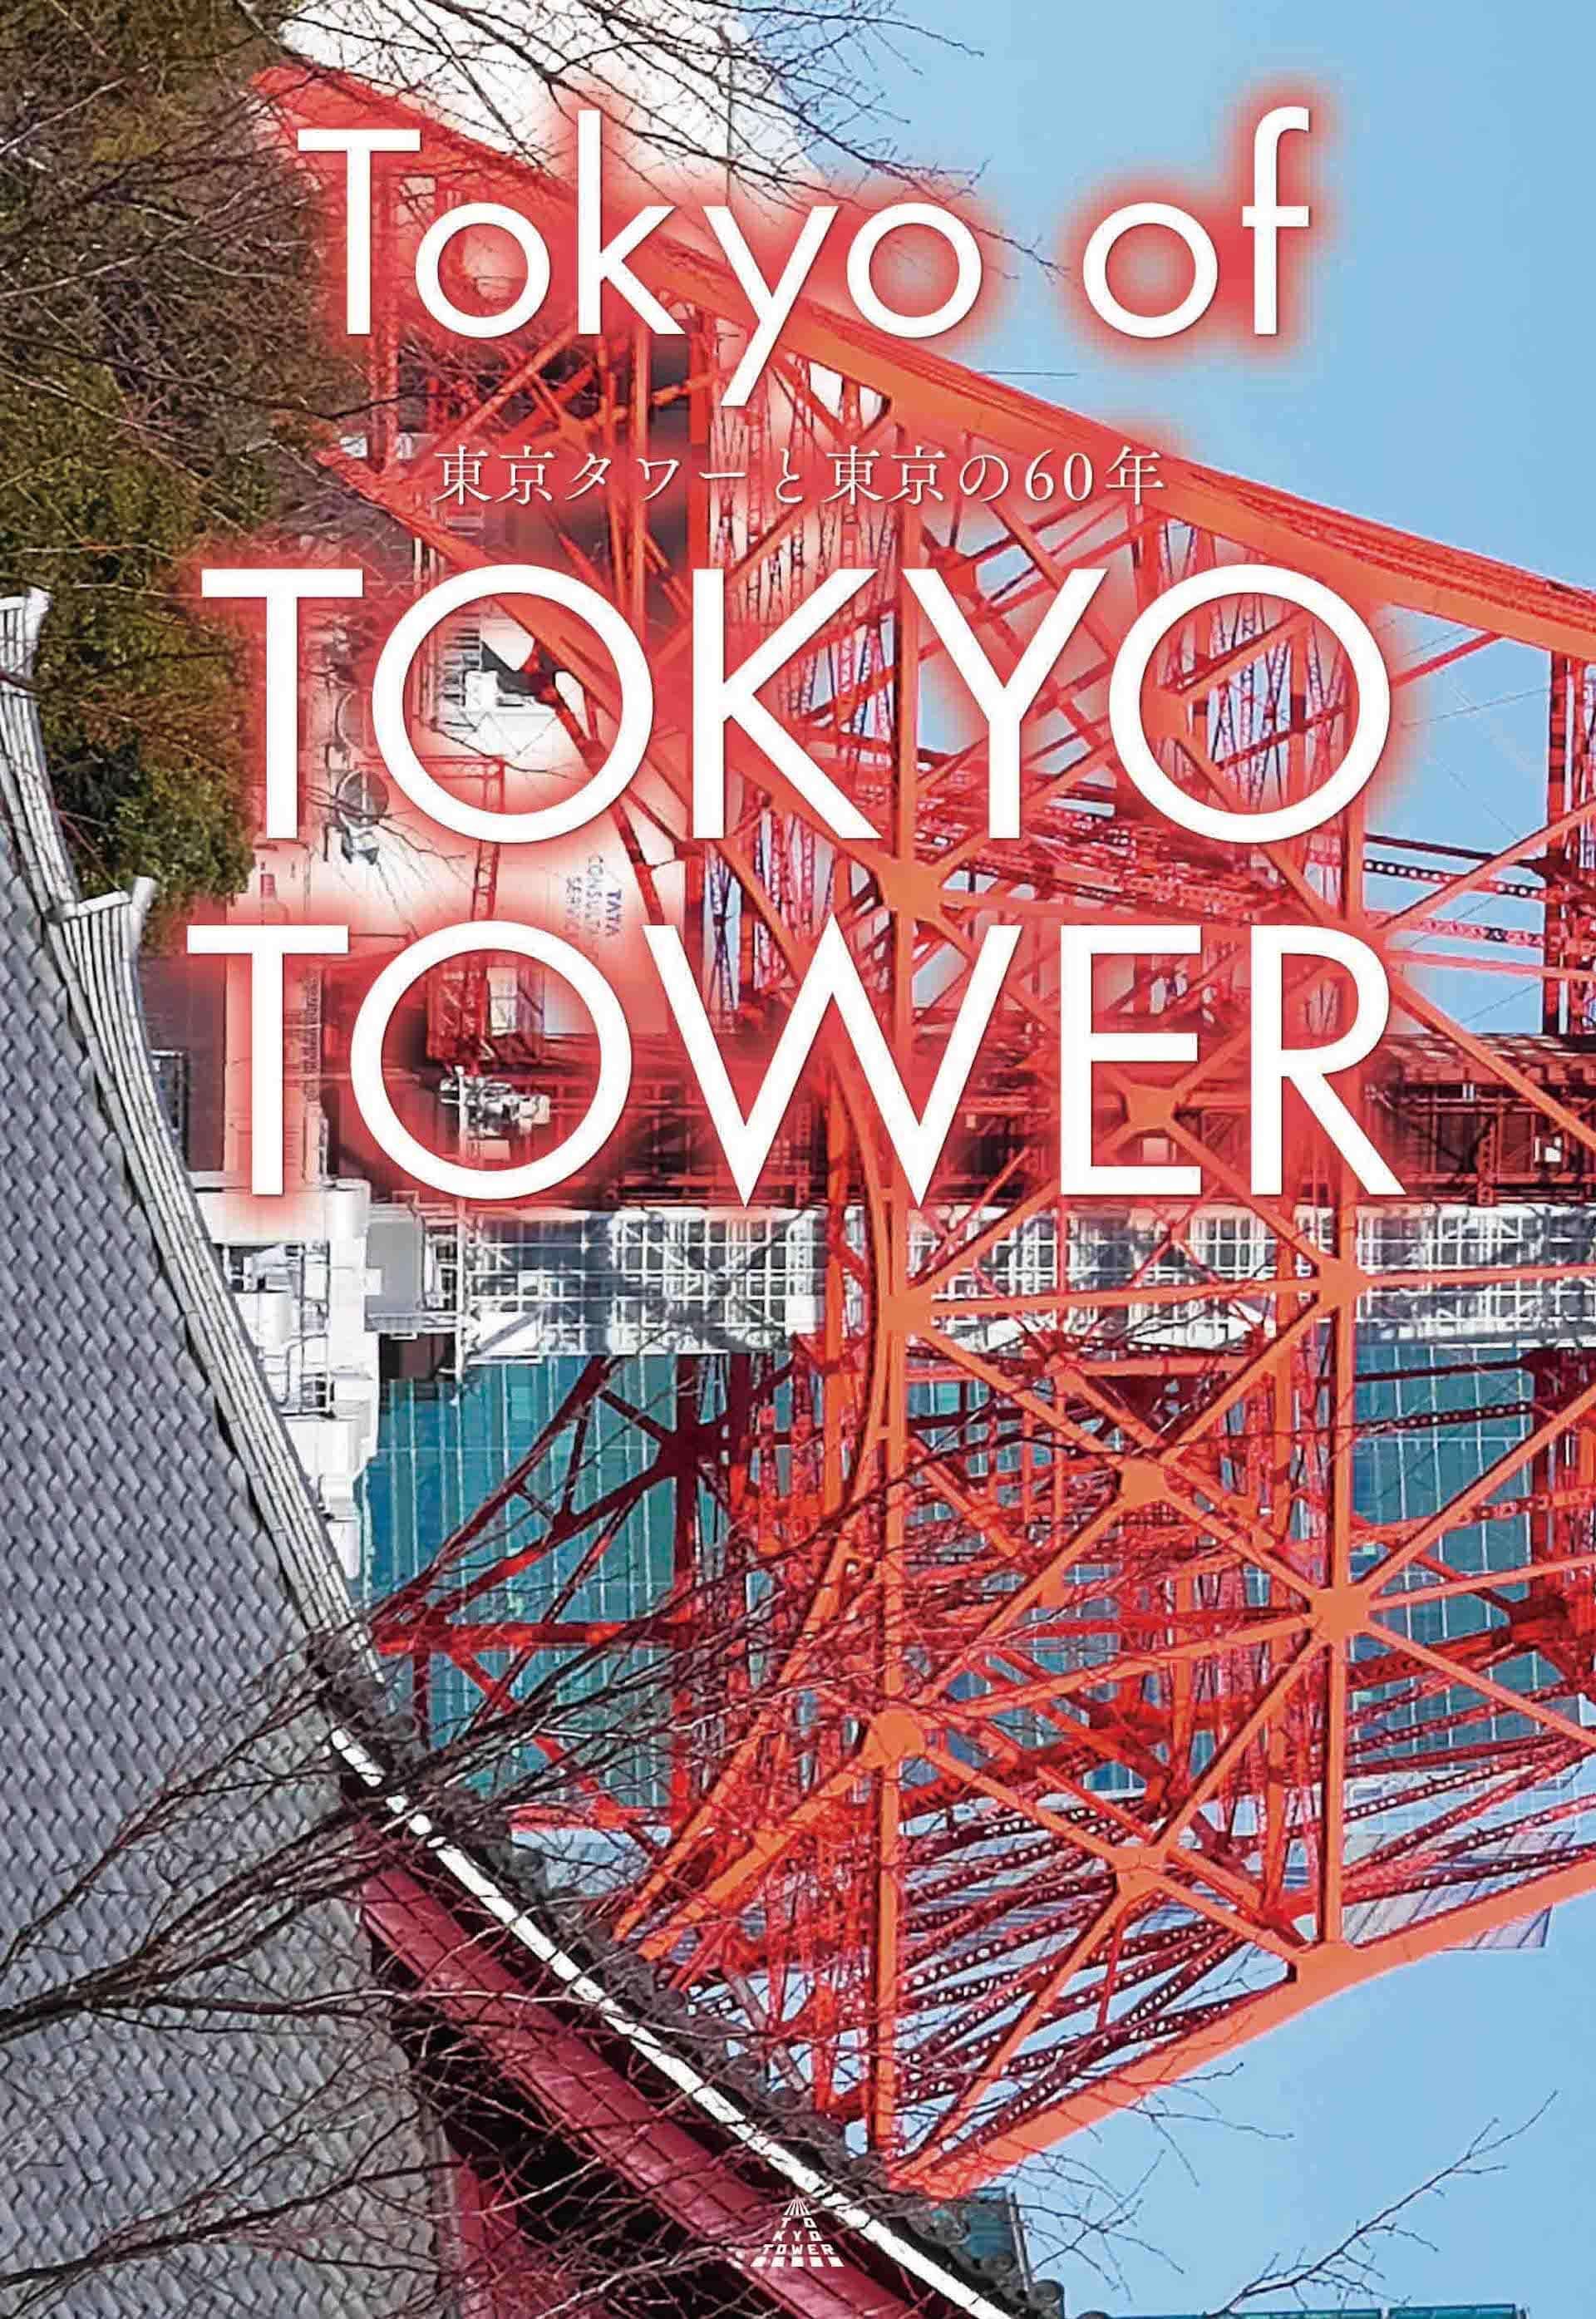 東京タワーと東京の歴史に迫る!書籍『Tokyo of TOKYO TOWER 東京タワーと東京の60年』が刊行決定&特別体験ツアー応募ハガキも同梱 art201204_tokyotower_2-1920x2790